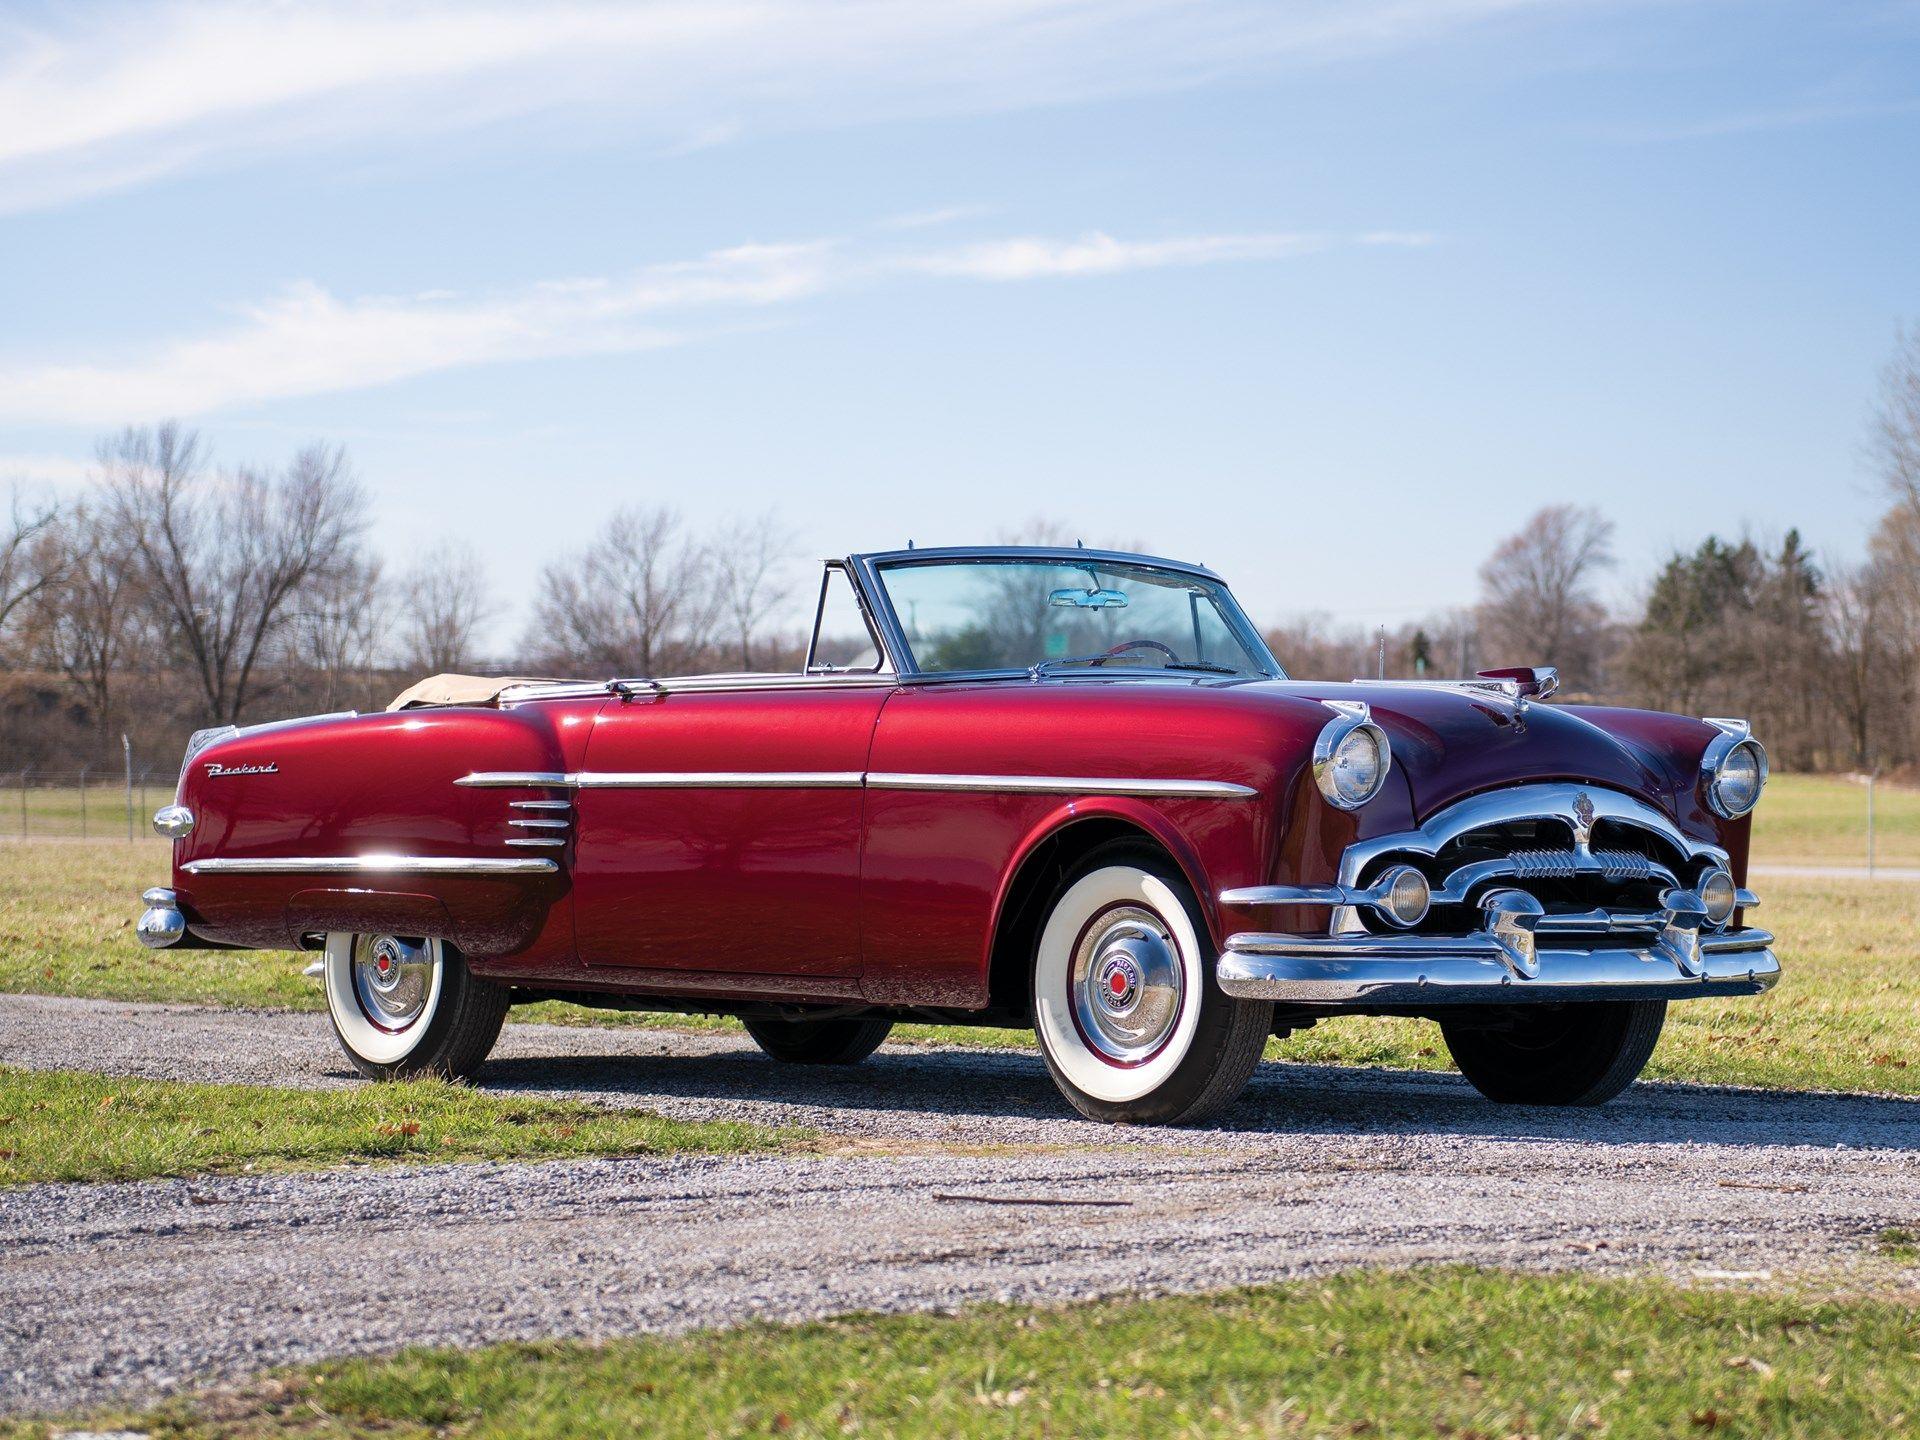 1954 Packard Convertible Packard, Convertible, Auburn